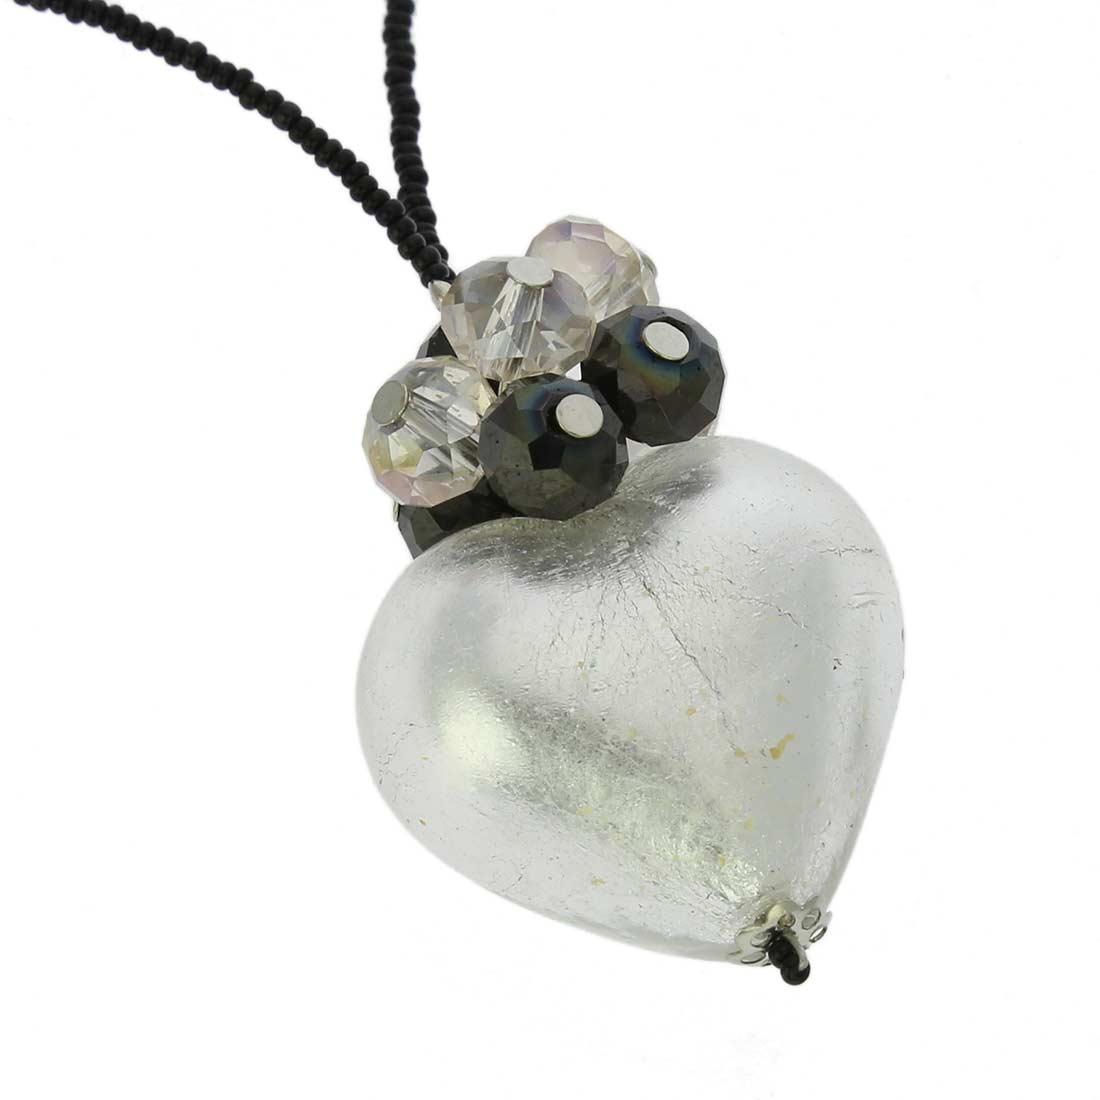 ベネチアングラス(ムラノガラス)ラブ ハートネックレス シルバー